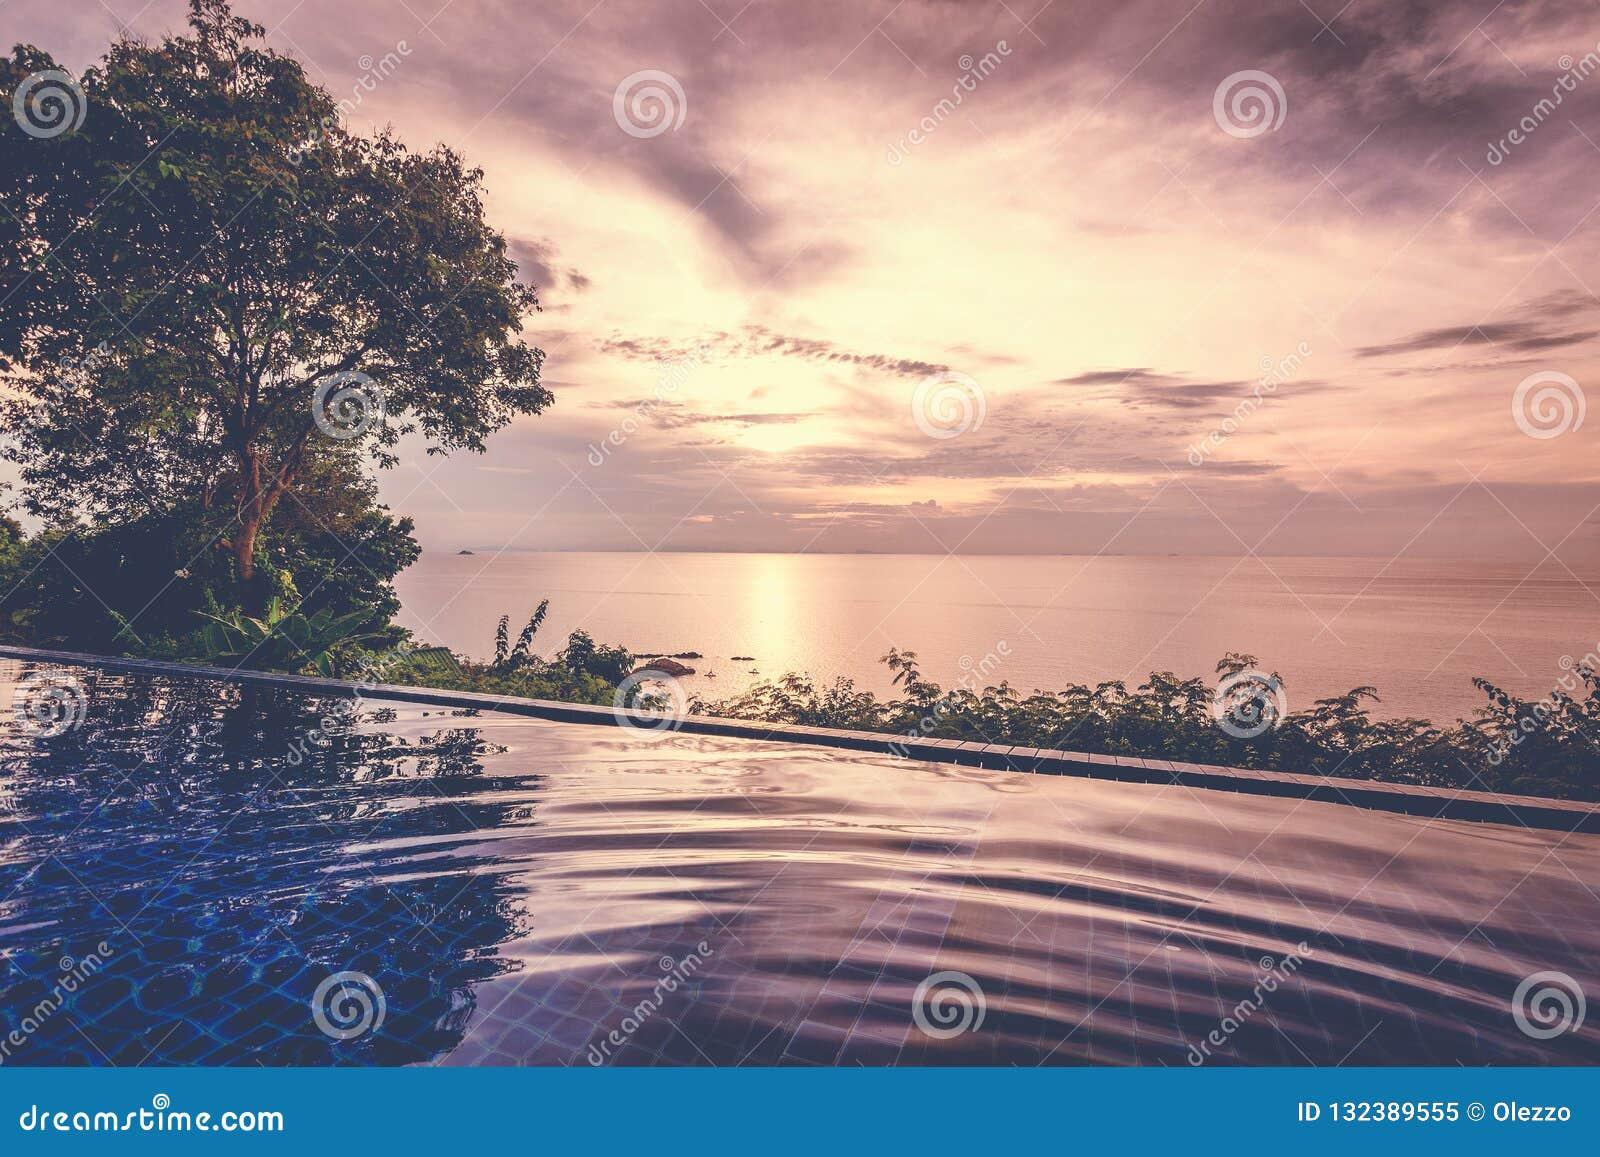 Schöne bunte Landschaft, Unendlichkeitspool im Meer bei Sonnenuntergang